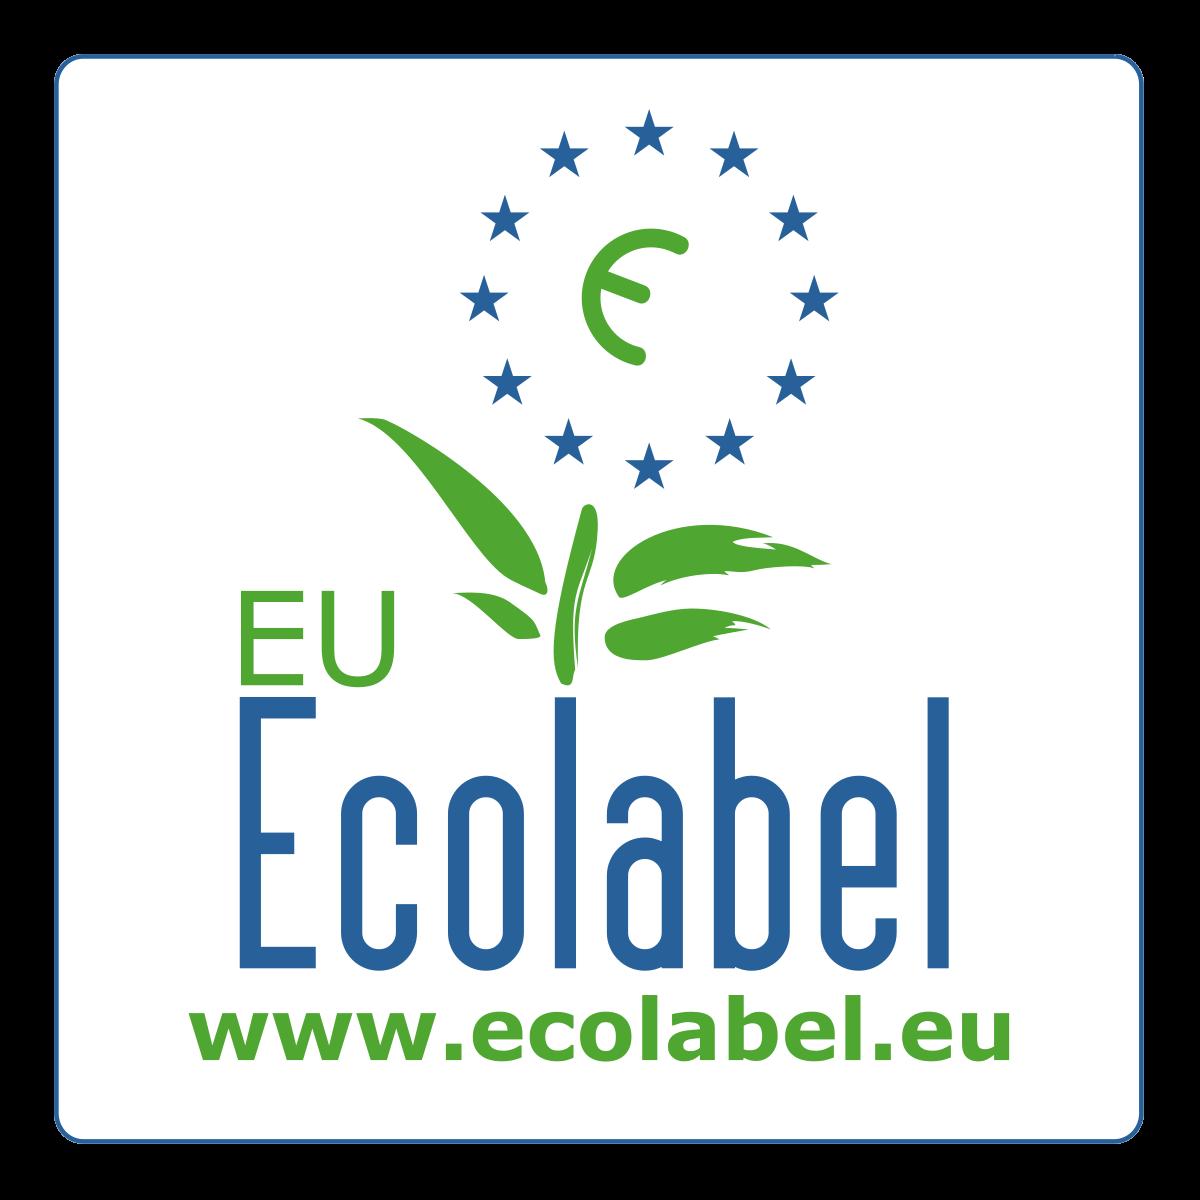 Ecolabel-EU.png